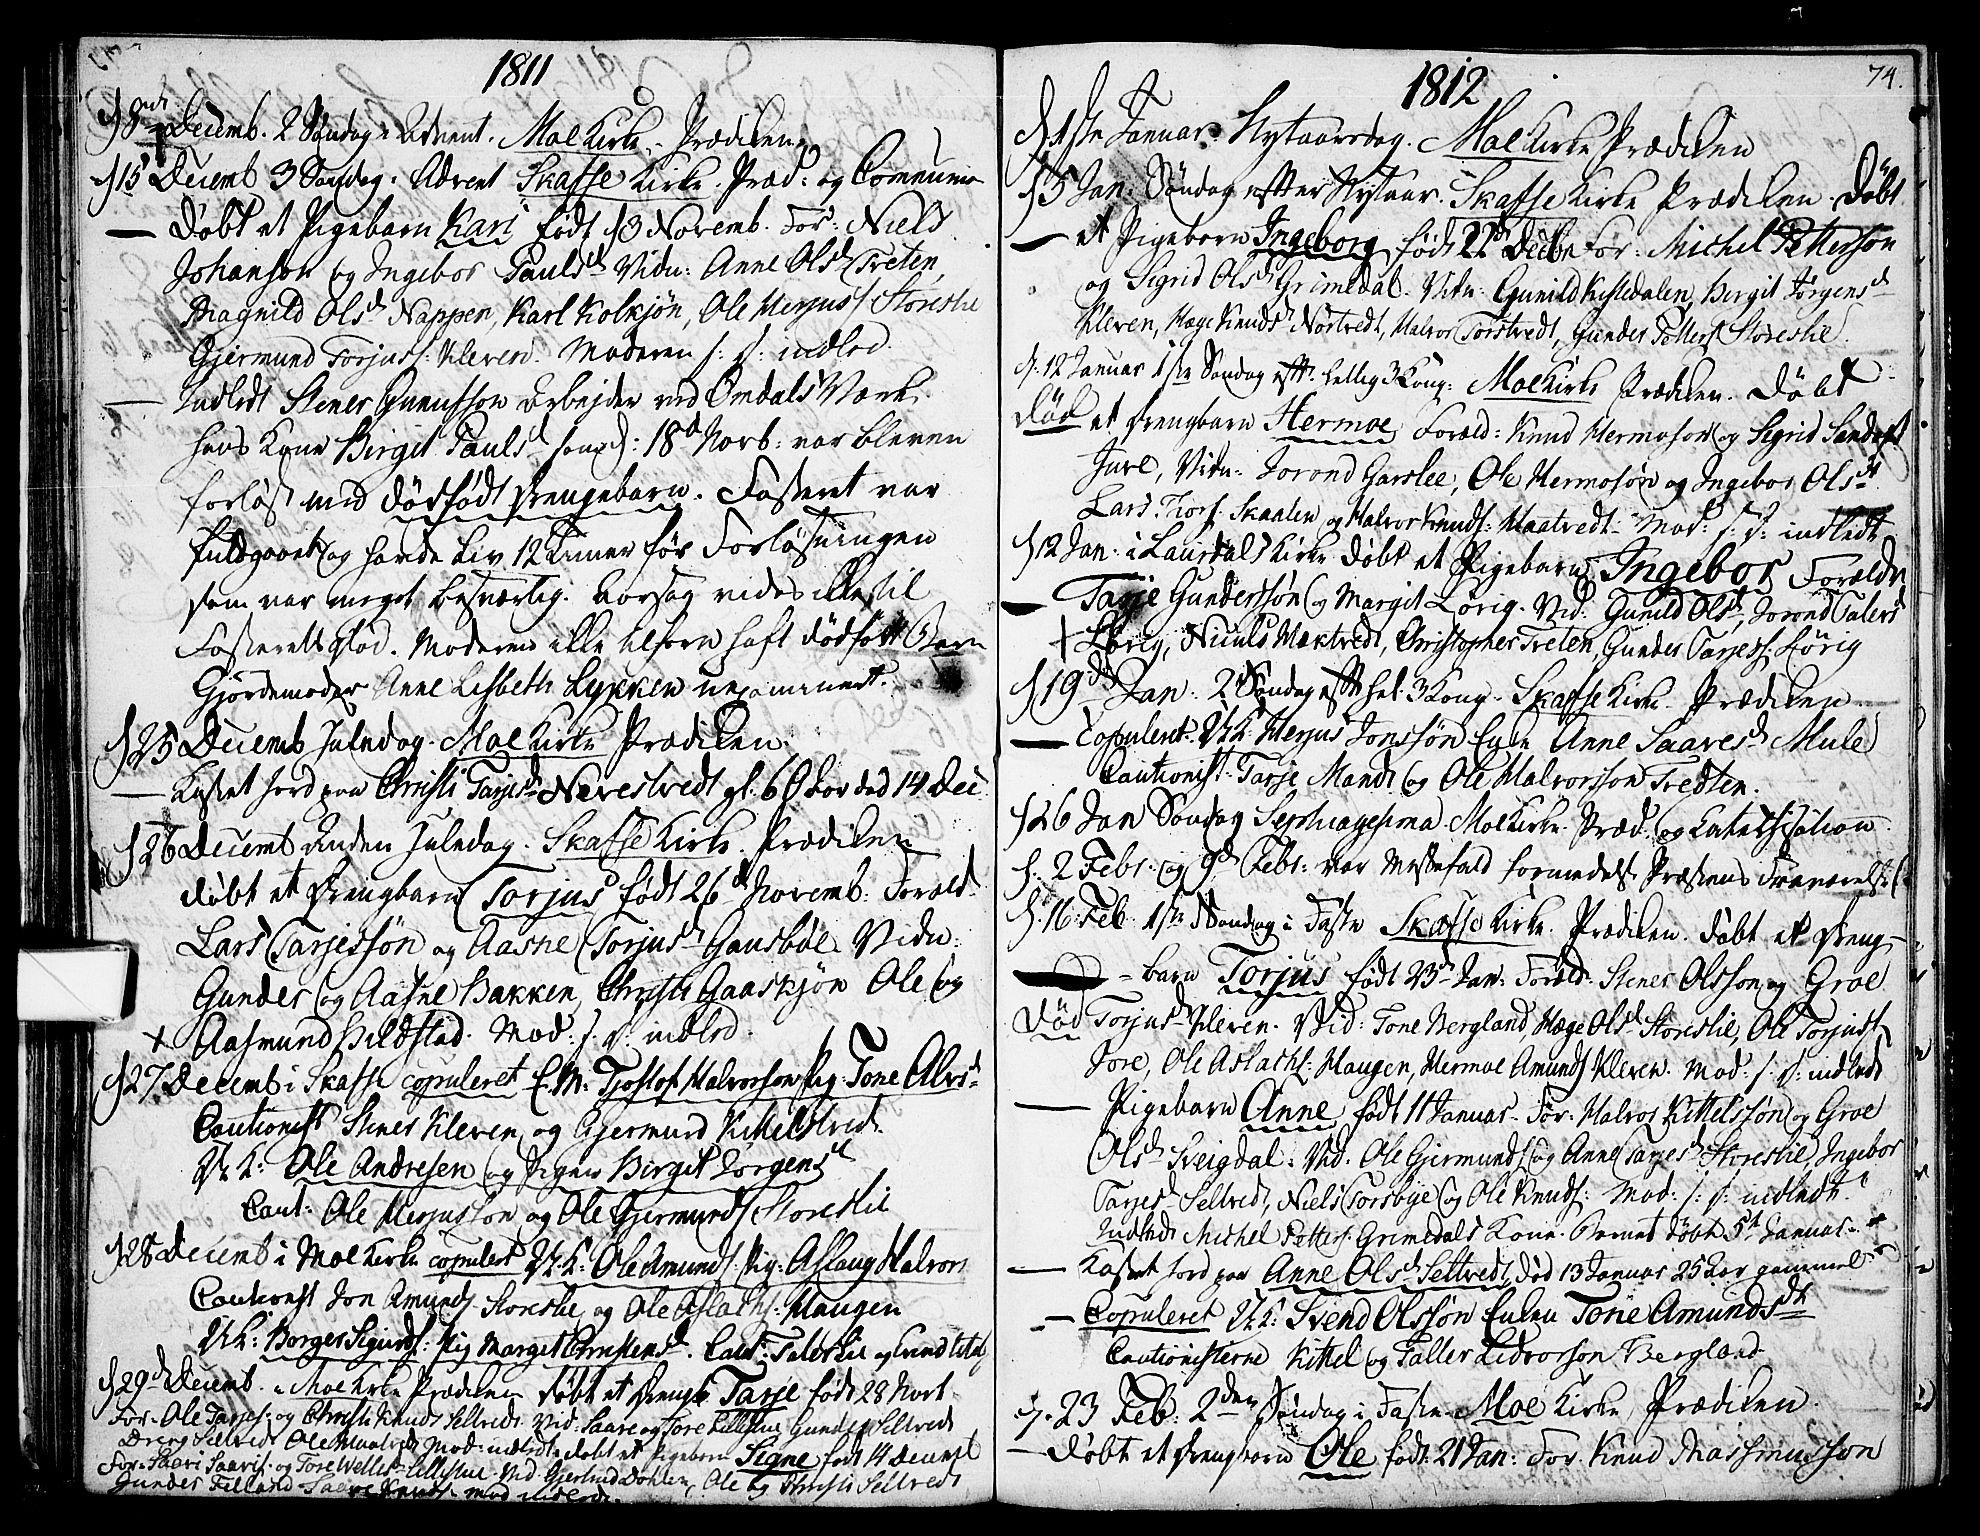 SAKO, Mo kirkebøker, F/Fa/L0003: Ministerialbok nr. I 3, 1800-1814, s. 74